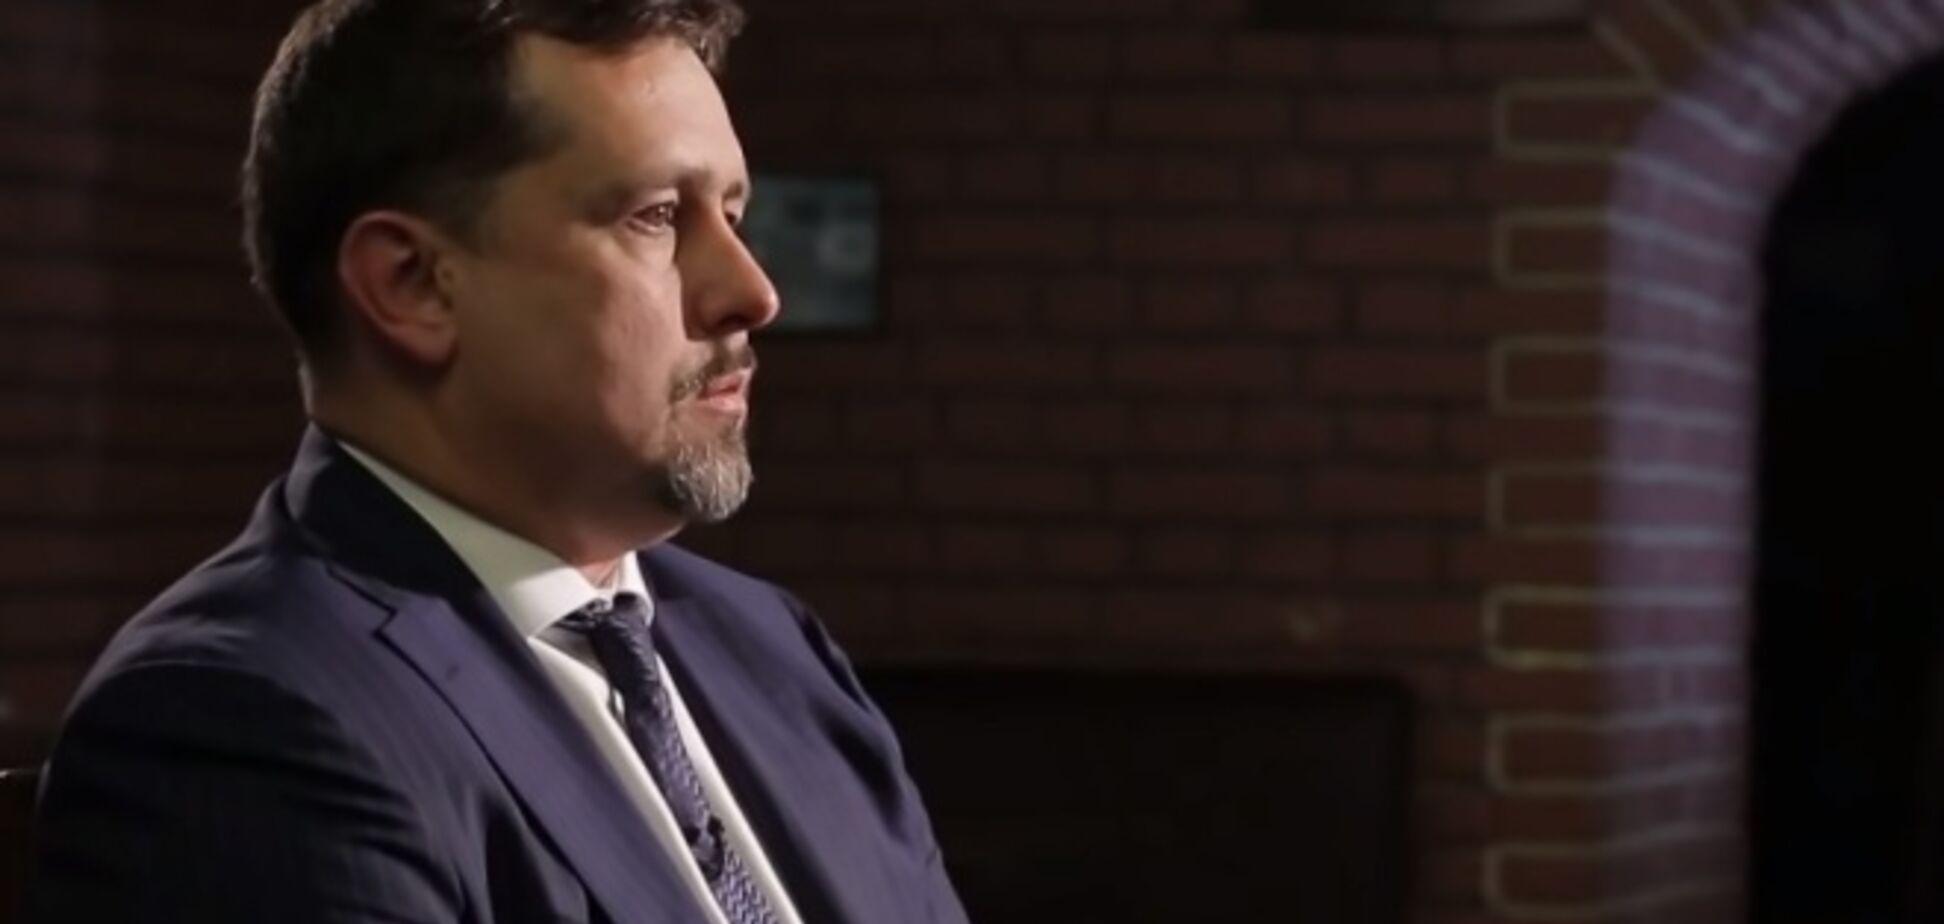 Дружина росіянка: скандальну інформацію про топ-чиновника СБУ підтвердила контррозвідка